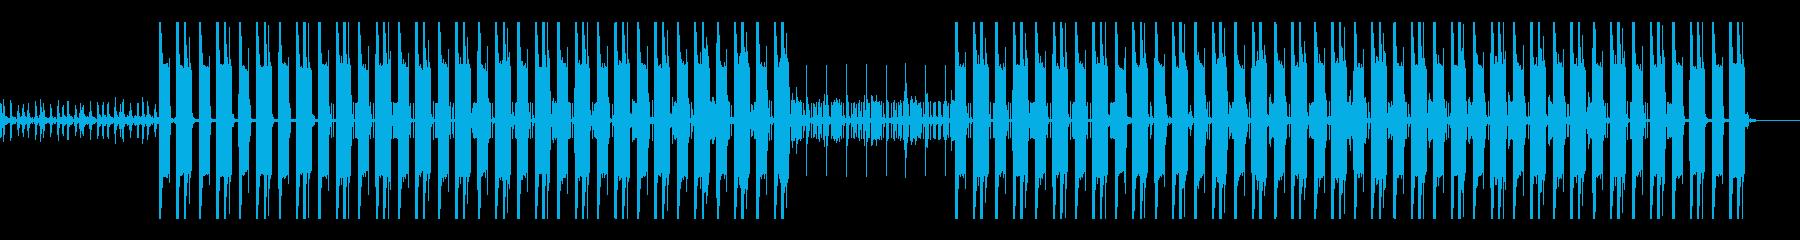 ヒップホップ 重低音 ダブ ステップの再生済みの波形